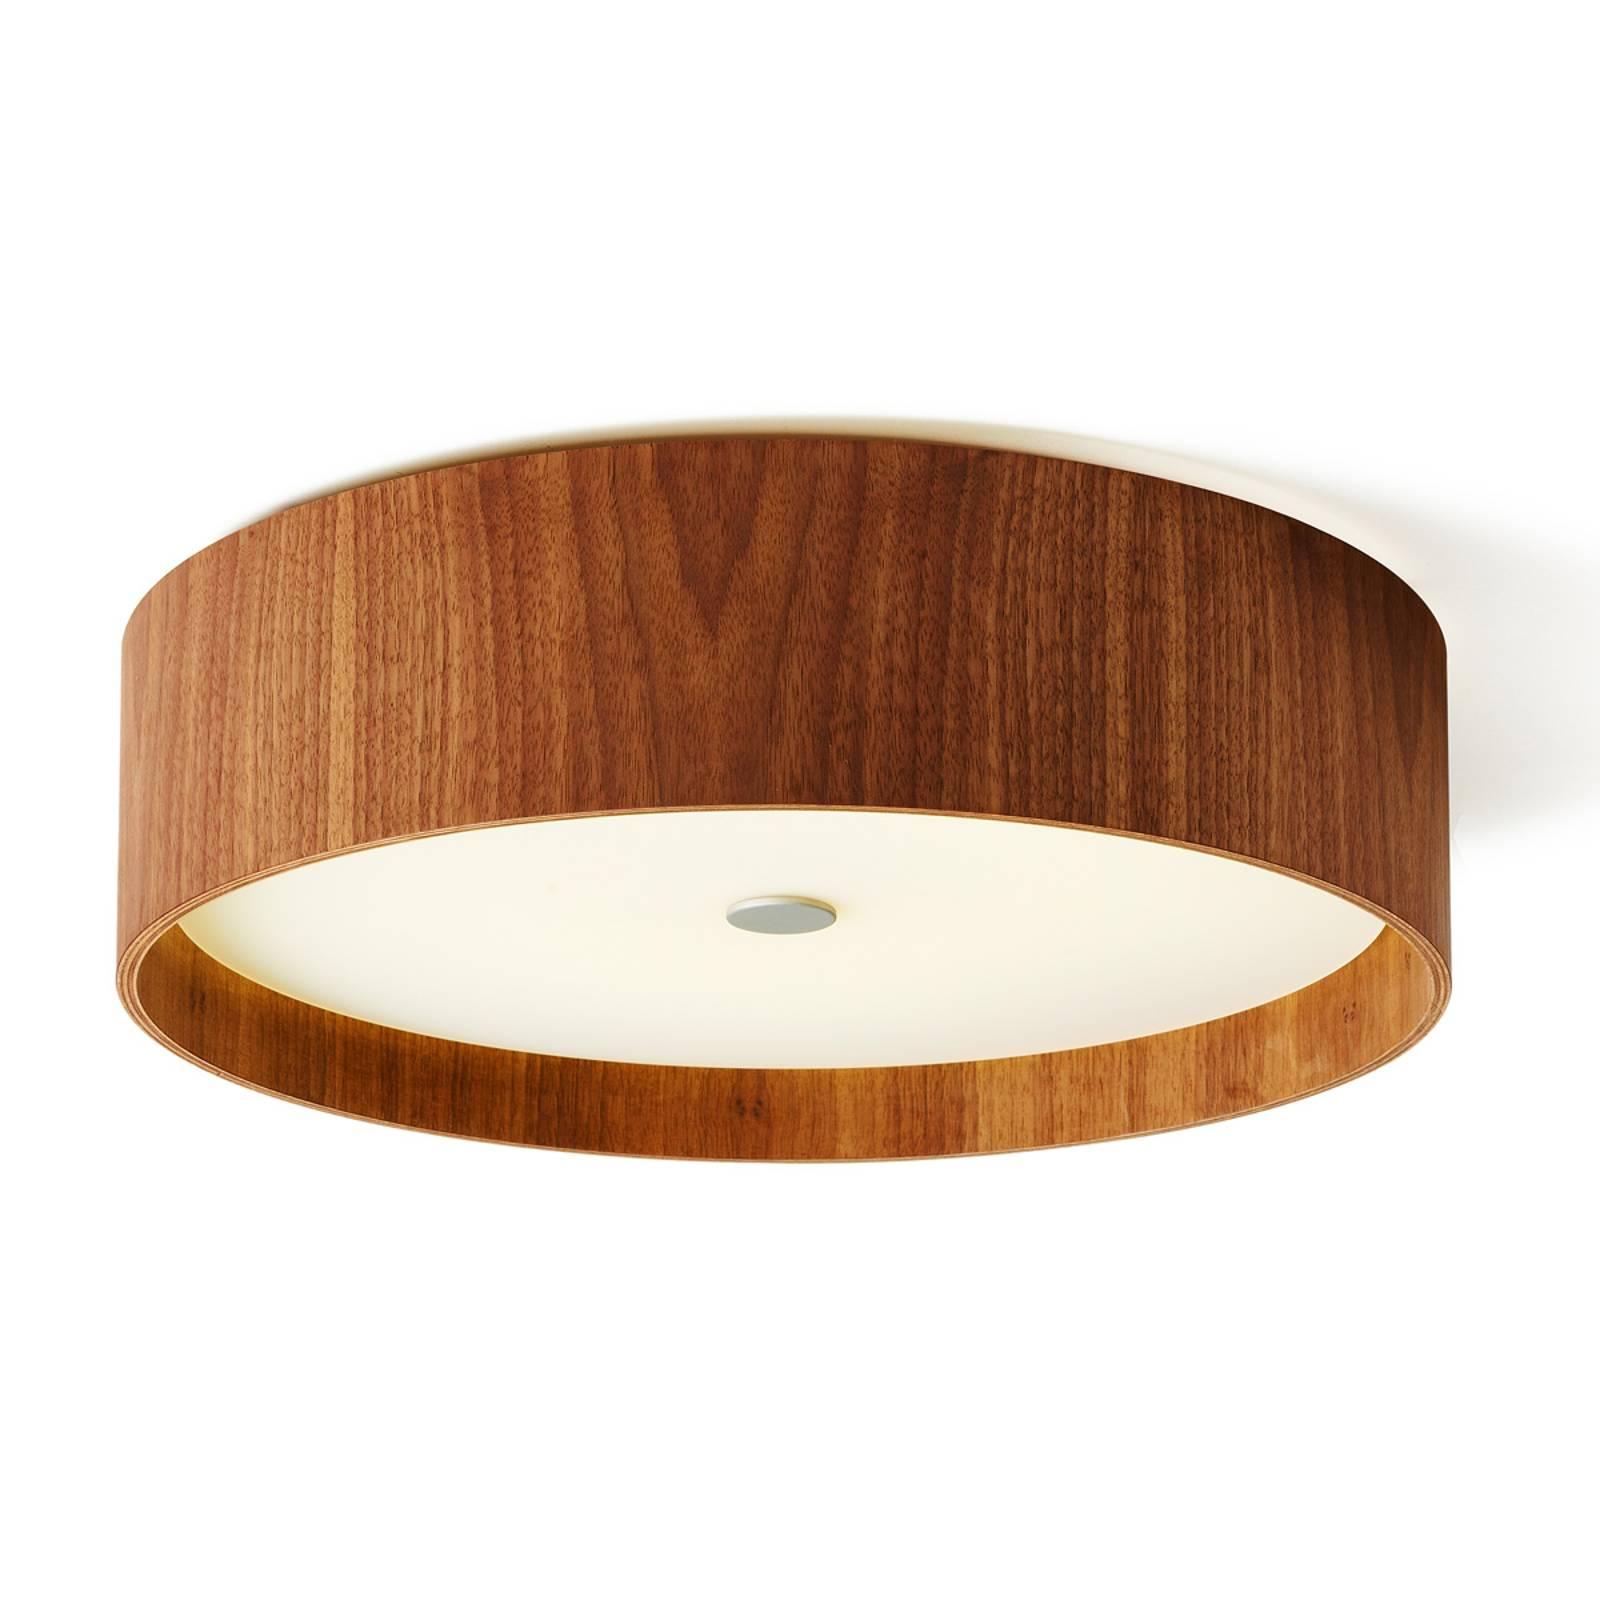 Pähkinäpuinen kattolamppu Lara wood LED 43 cm